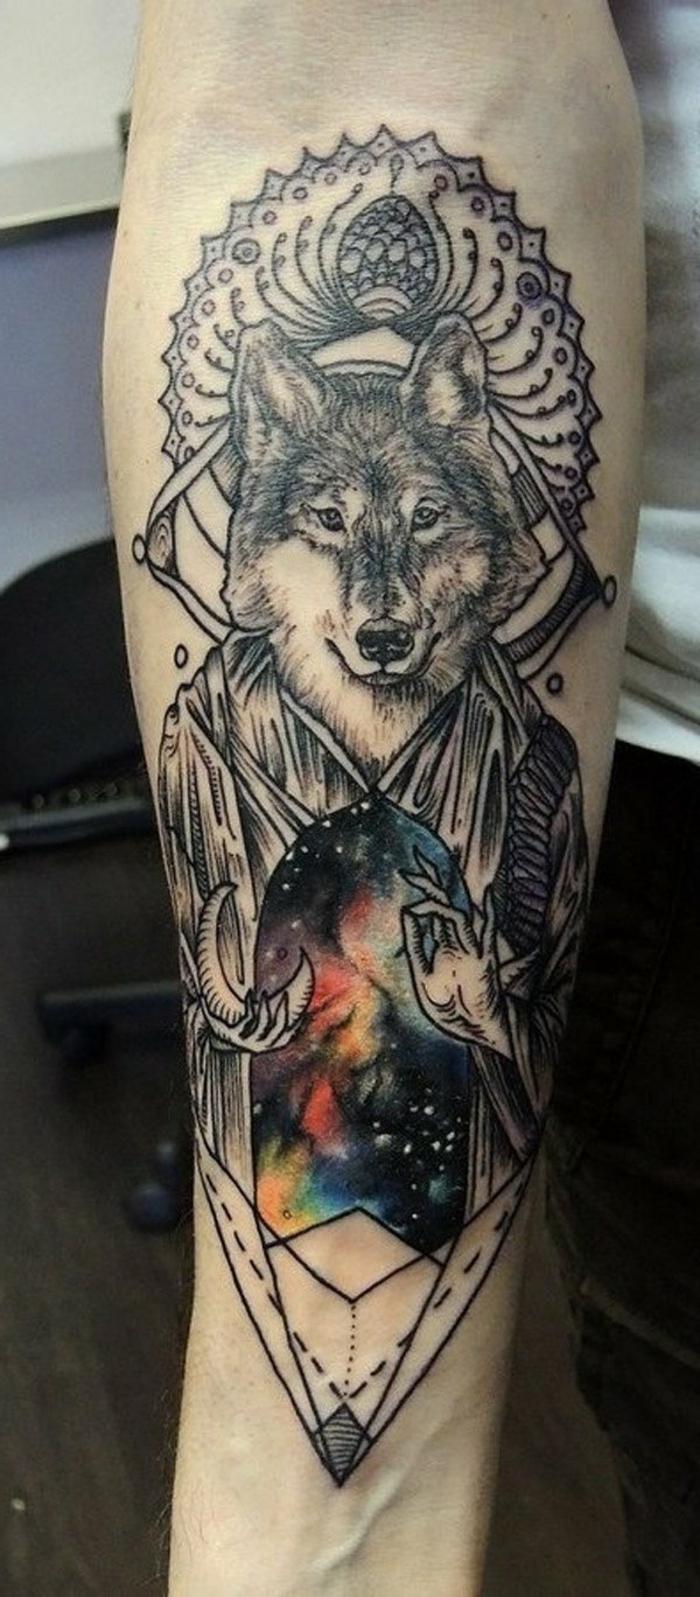 mejores tatuajes, tatuaje surrealista en el antebrazo, lobo mago colgando la luna, ropa de colores espaciales